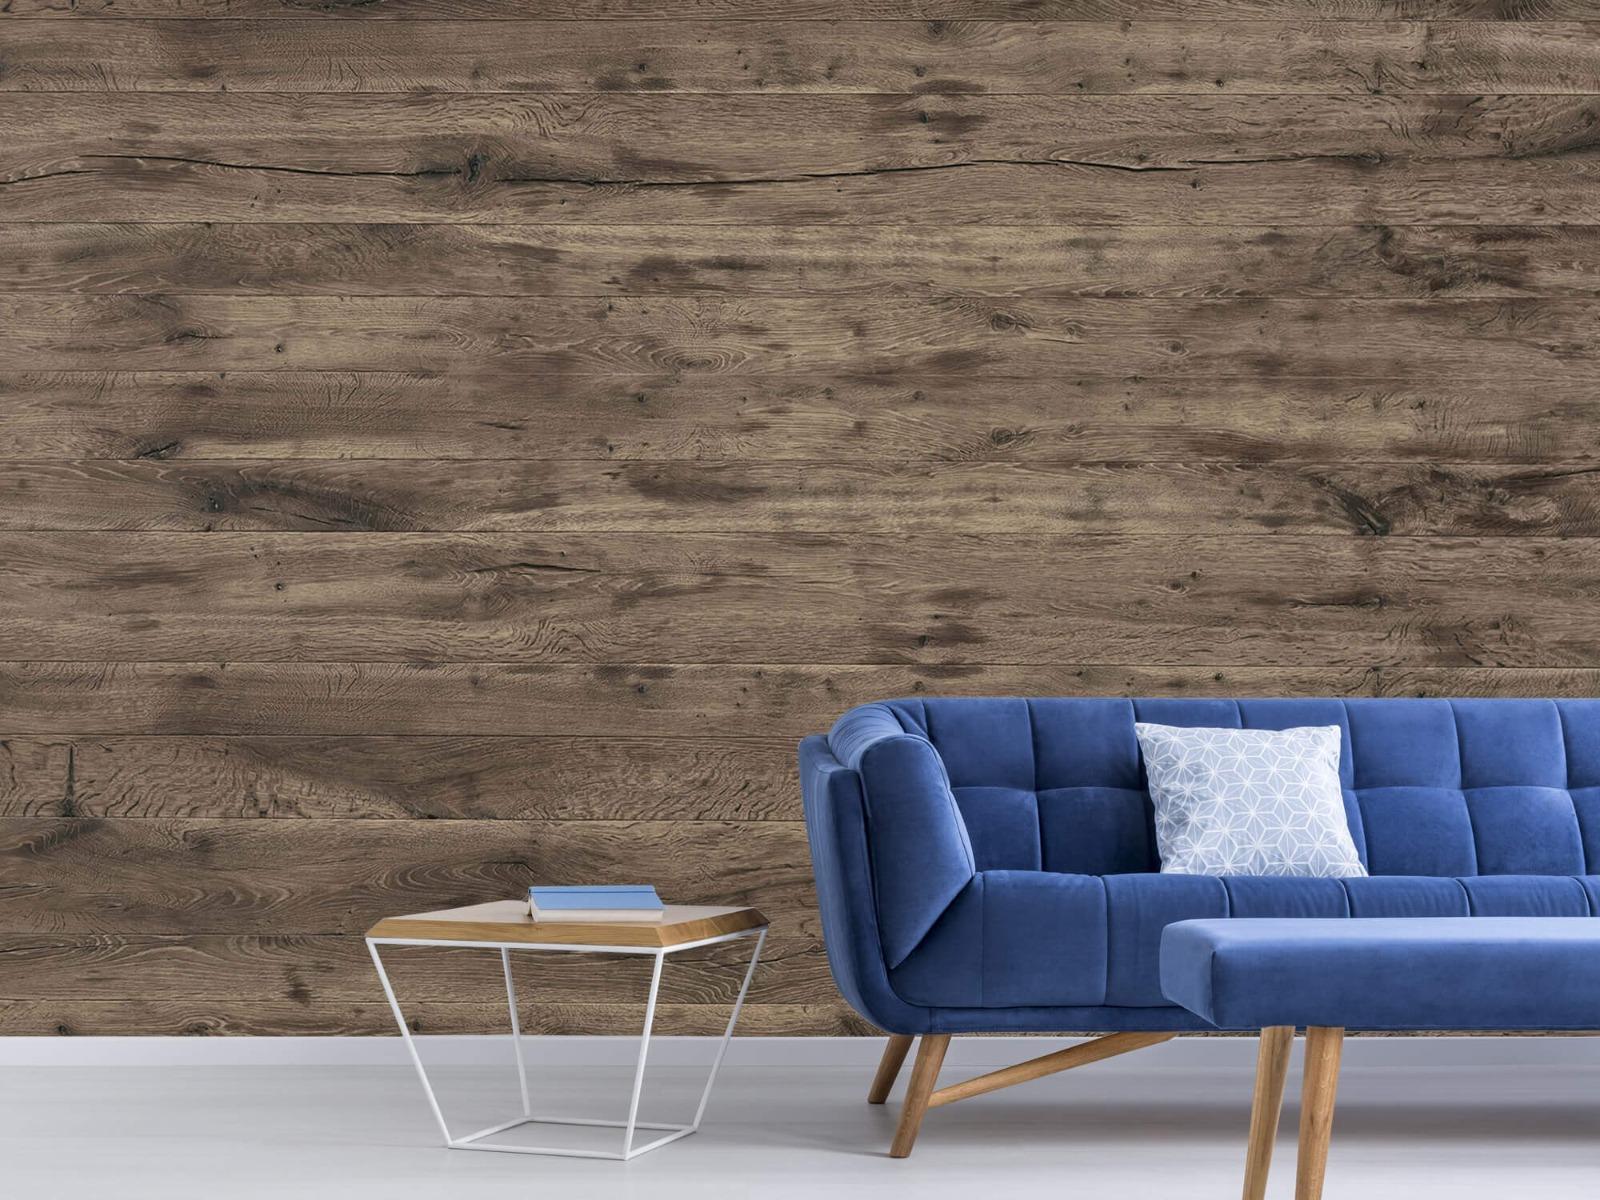 Hout behang - Rustieke houten planken - Garage 5